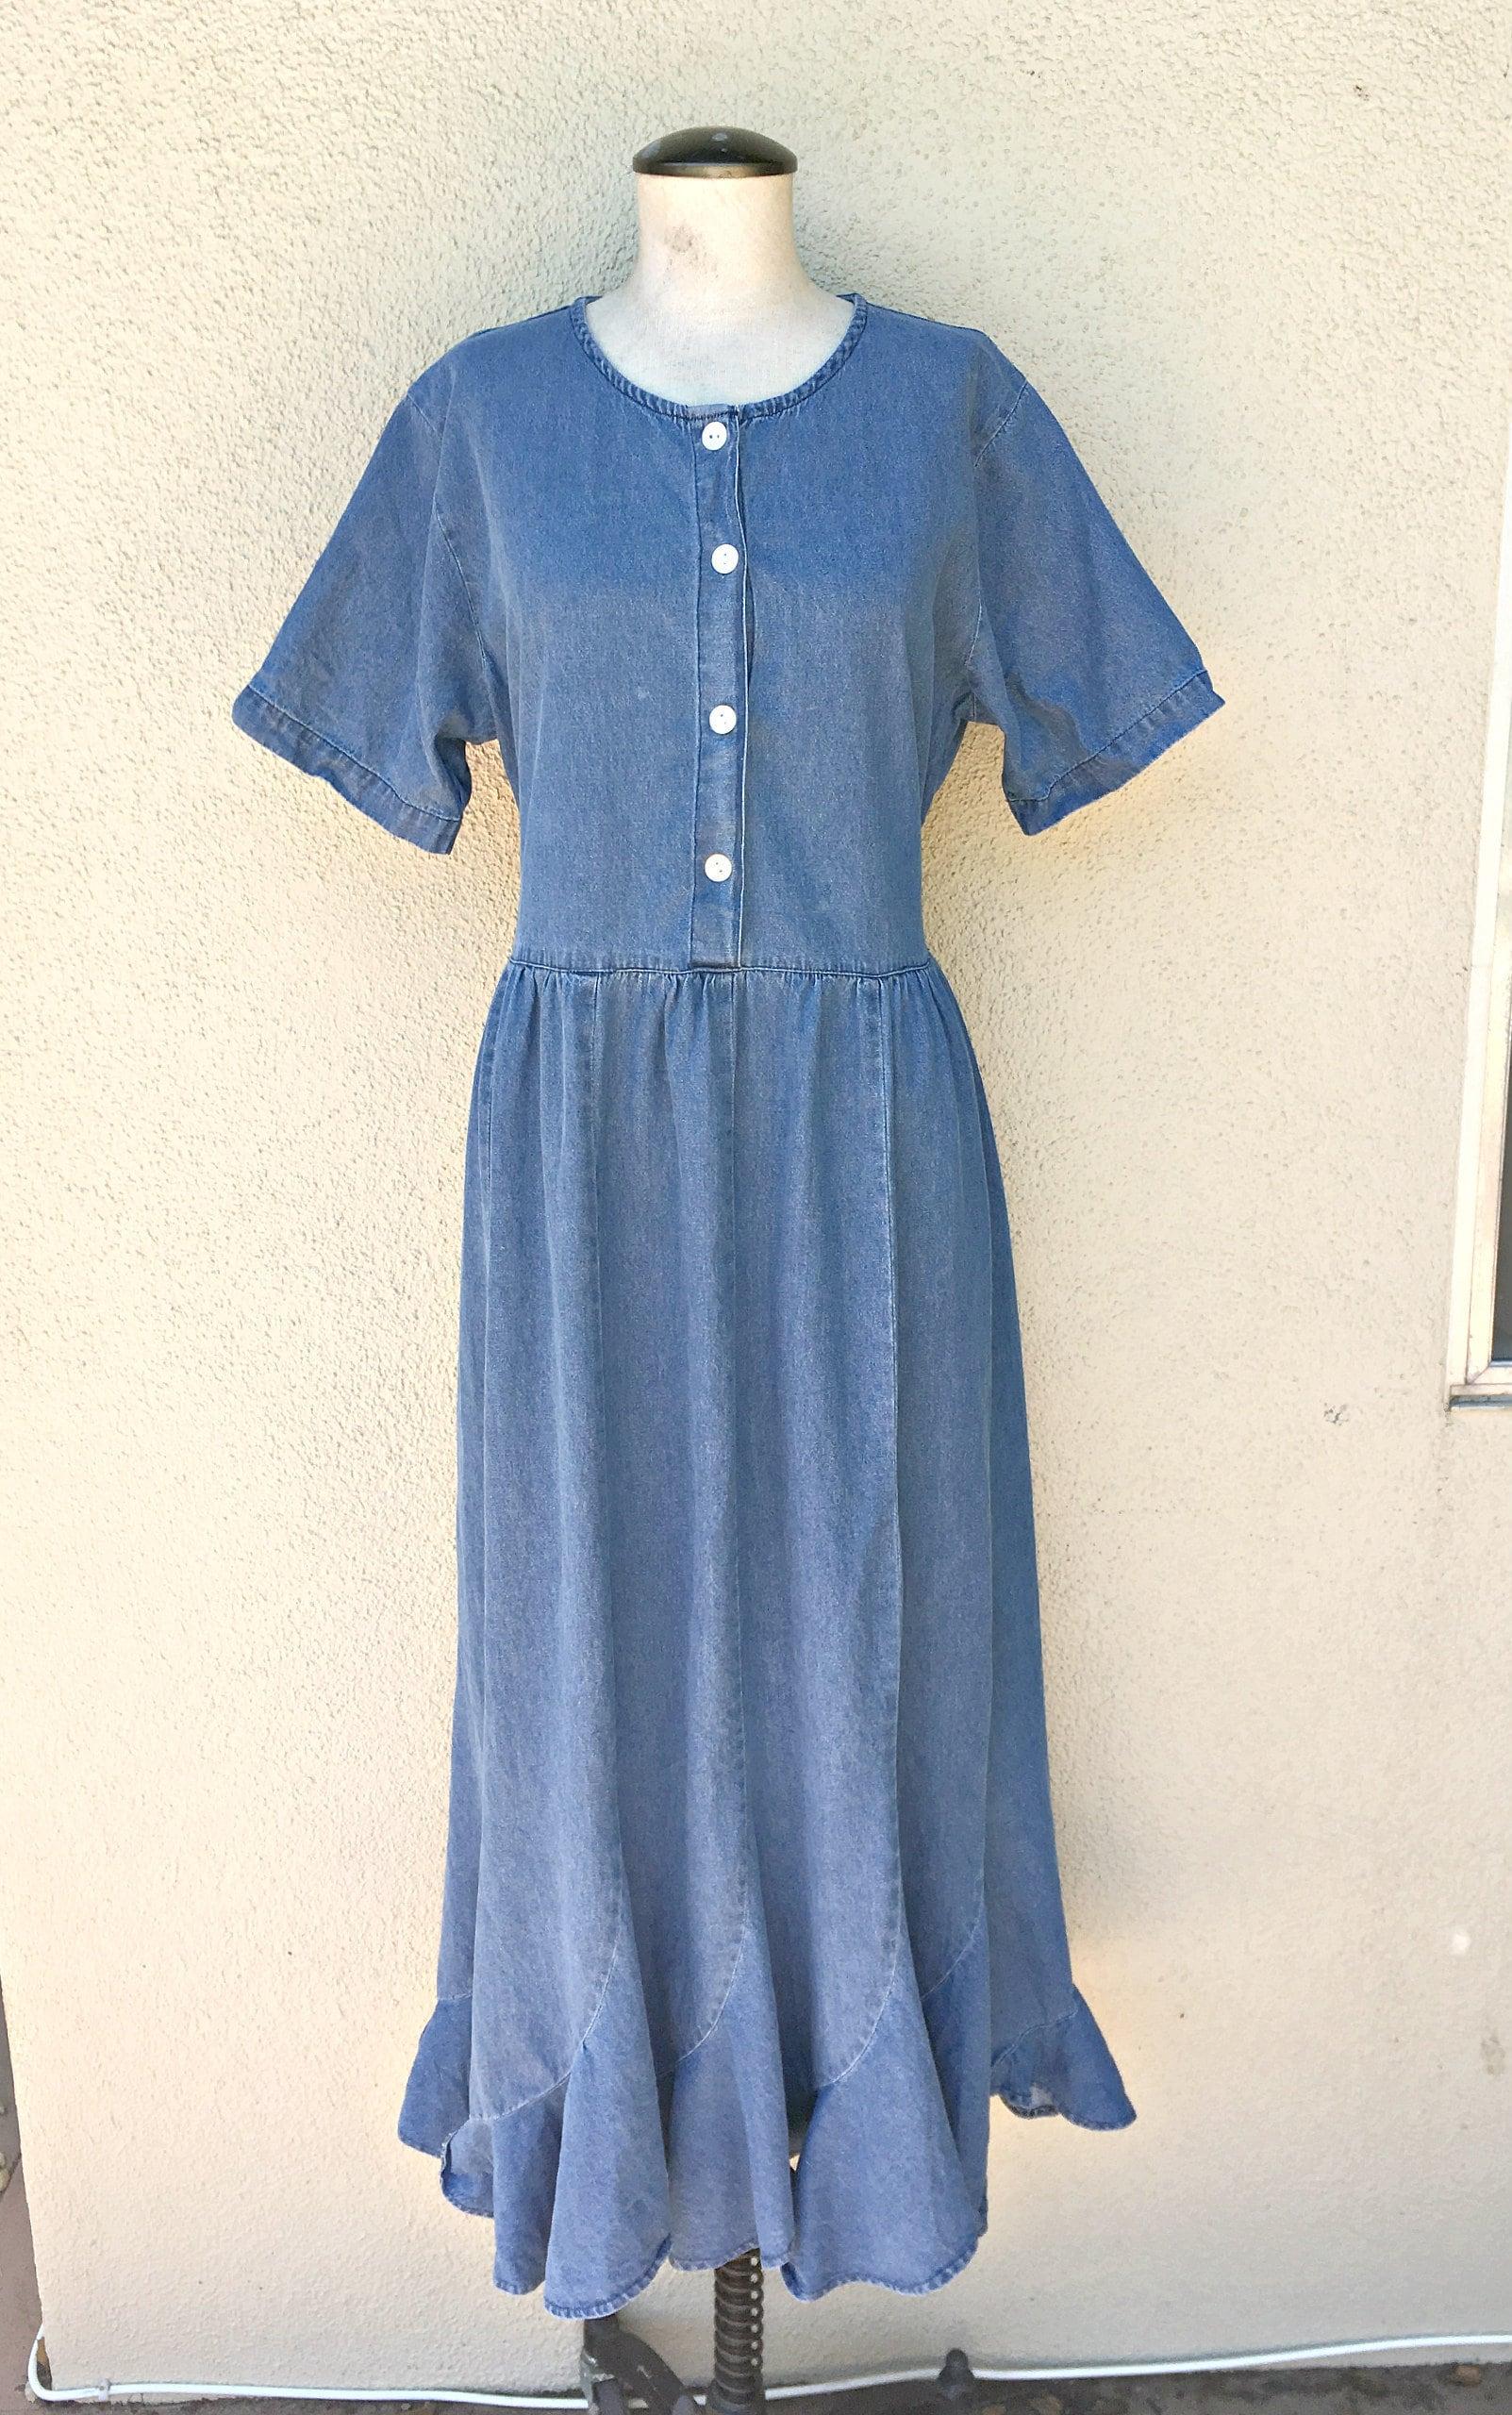 90's Medium Denim Dress by Cervelle Boho Long Jean Women's Spring Clothing